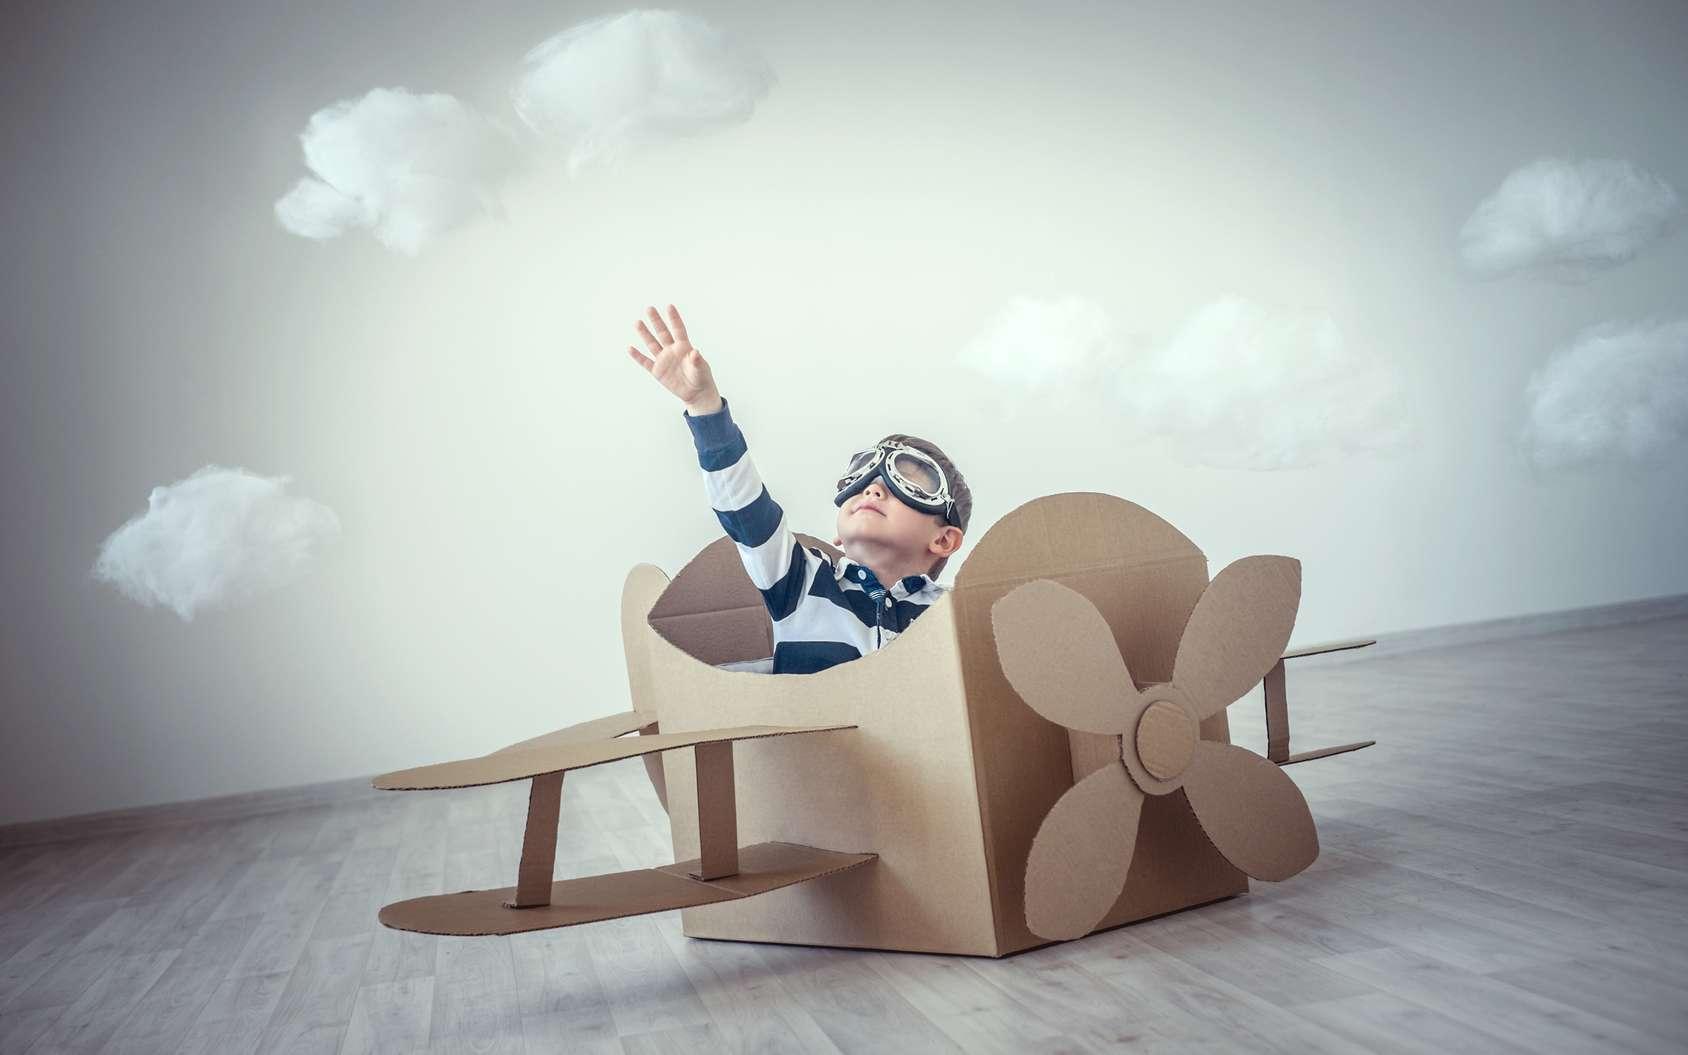 L'envie de voler enflamme les imaginations à tout âge et depuis la nuit des temps. © LuckyImages, Fotolia